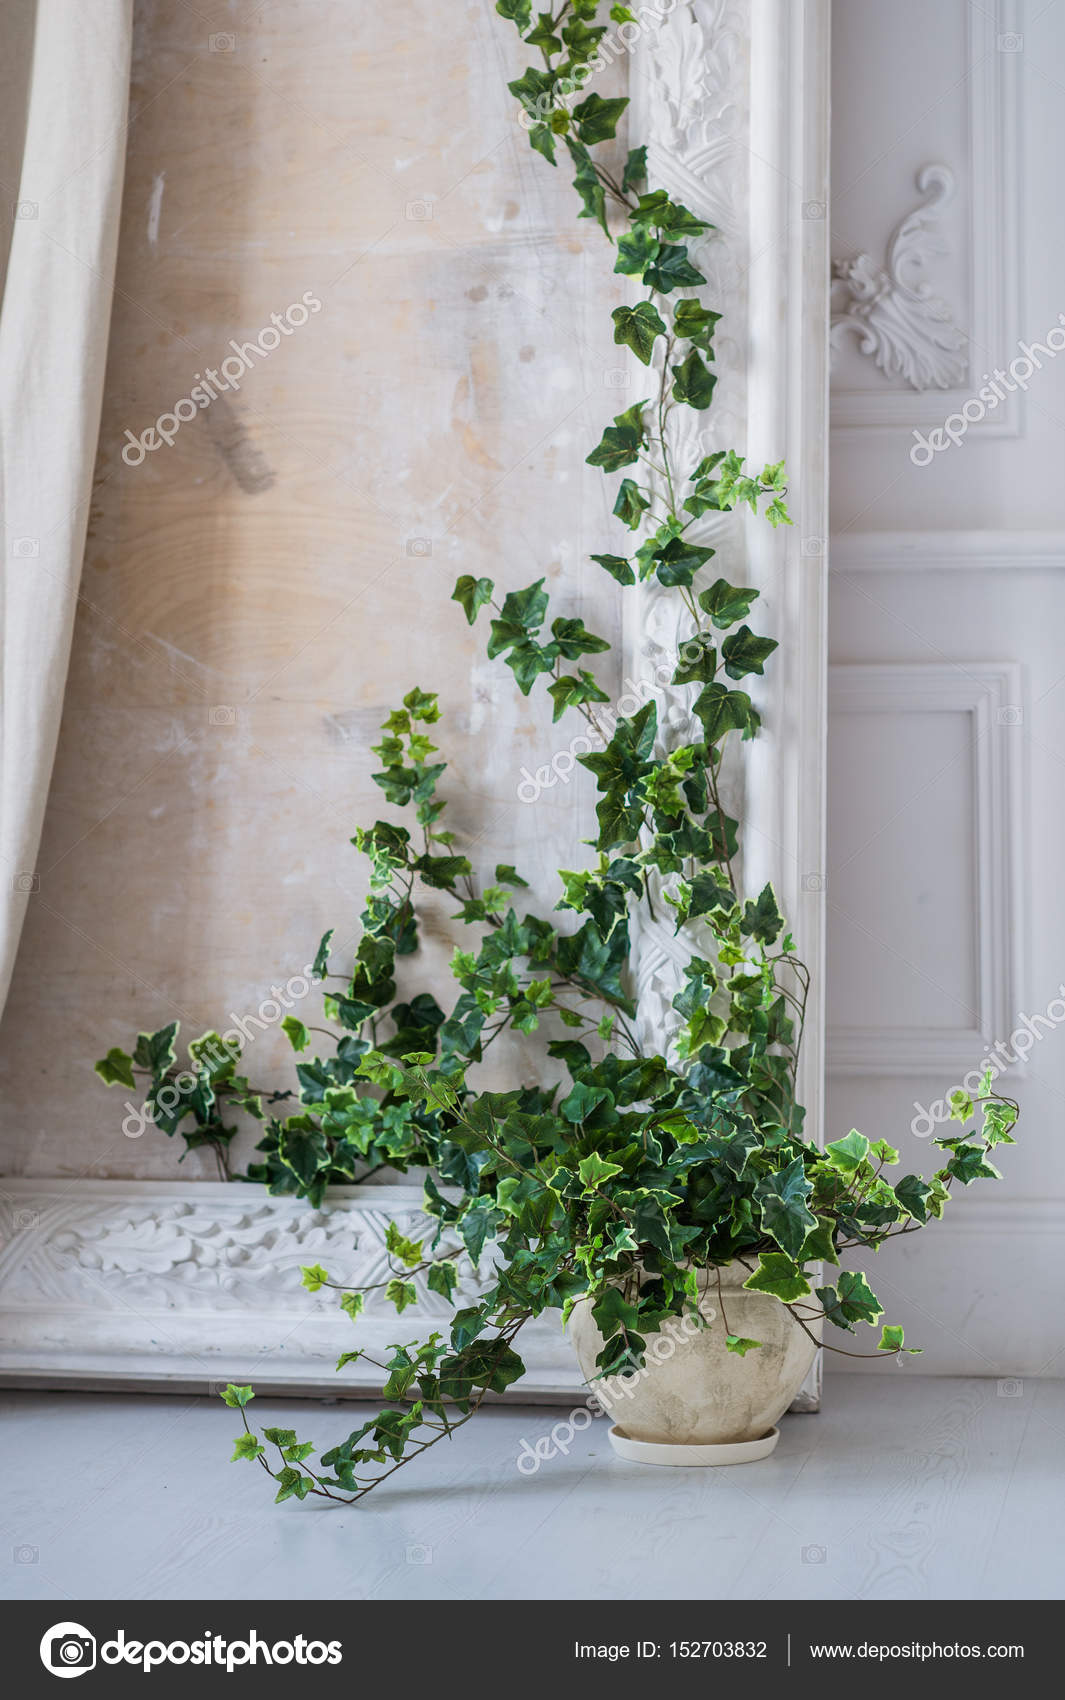 Herbe verte plante en pot vintage d coration contre un mur lumineux blanc c t de la porte - Plante contre l humidite dans la maison ...